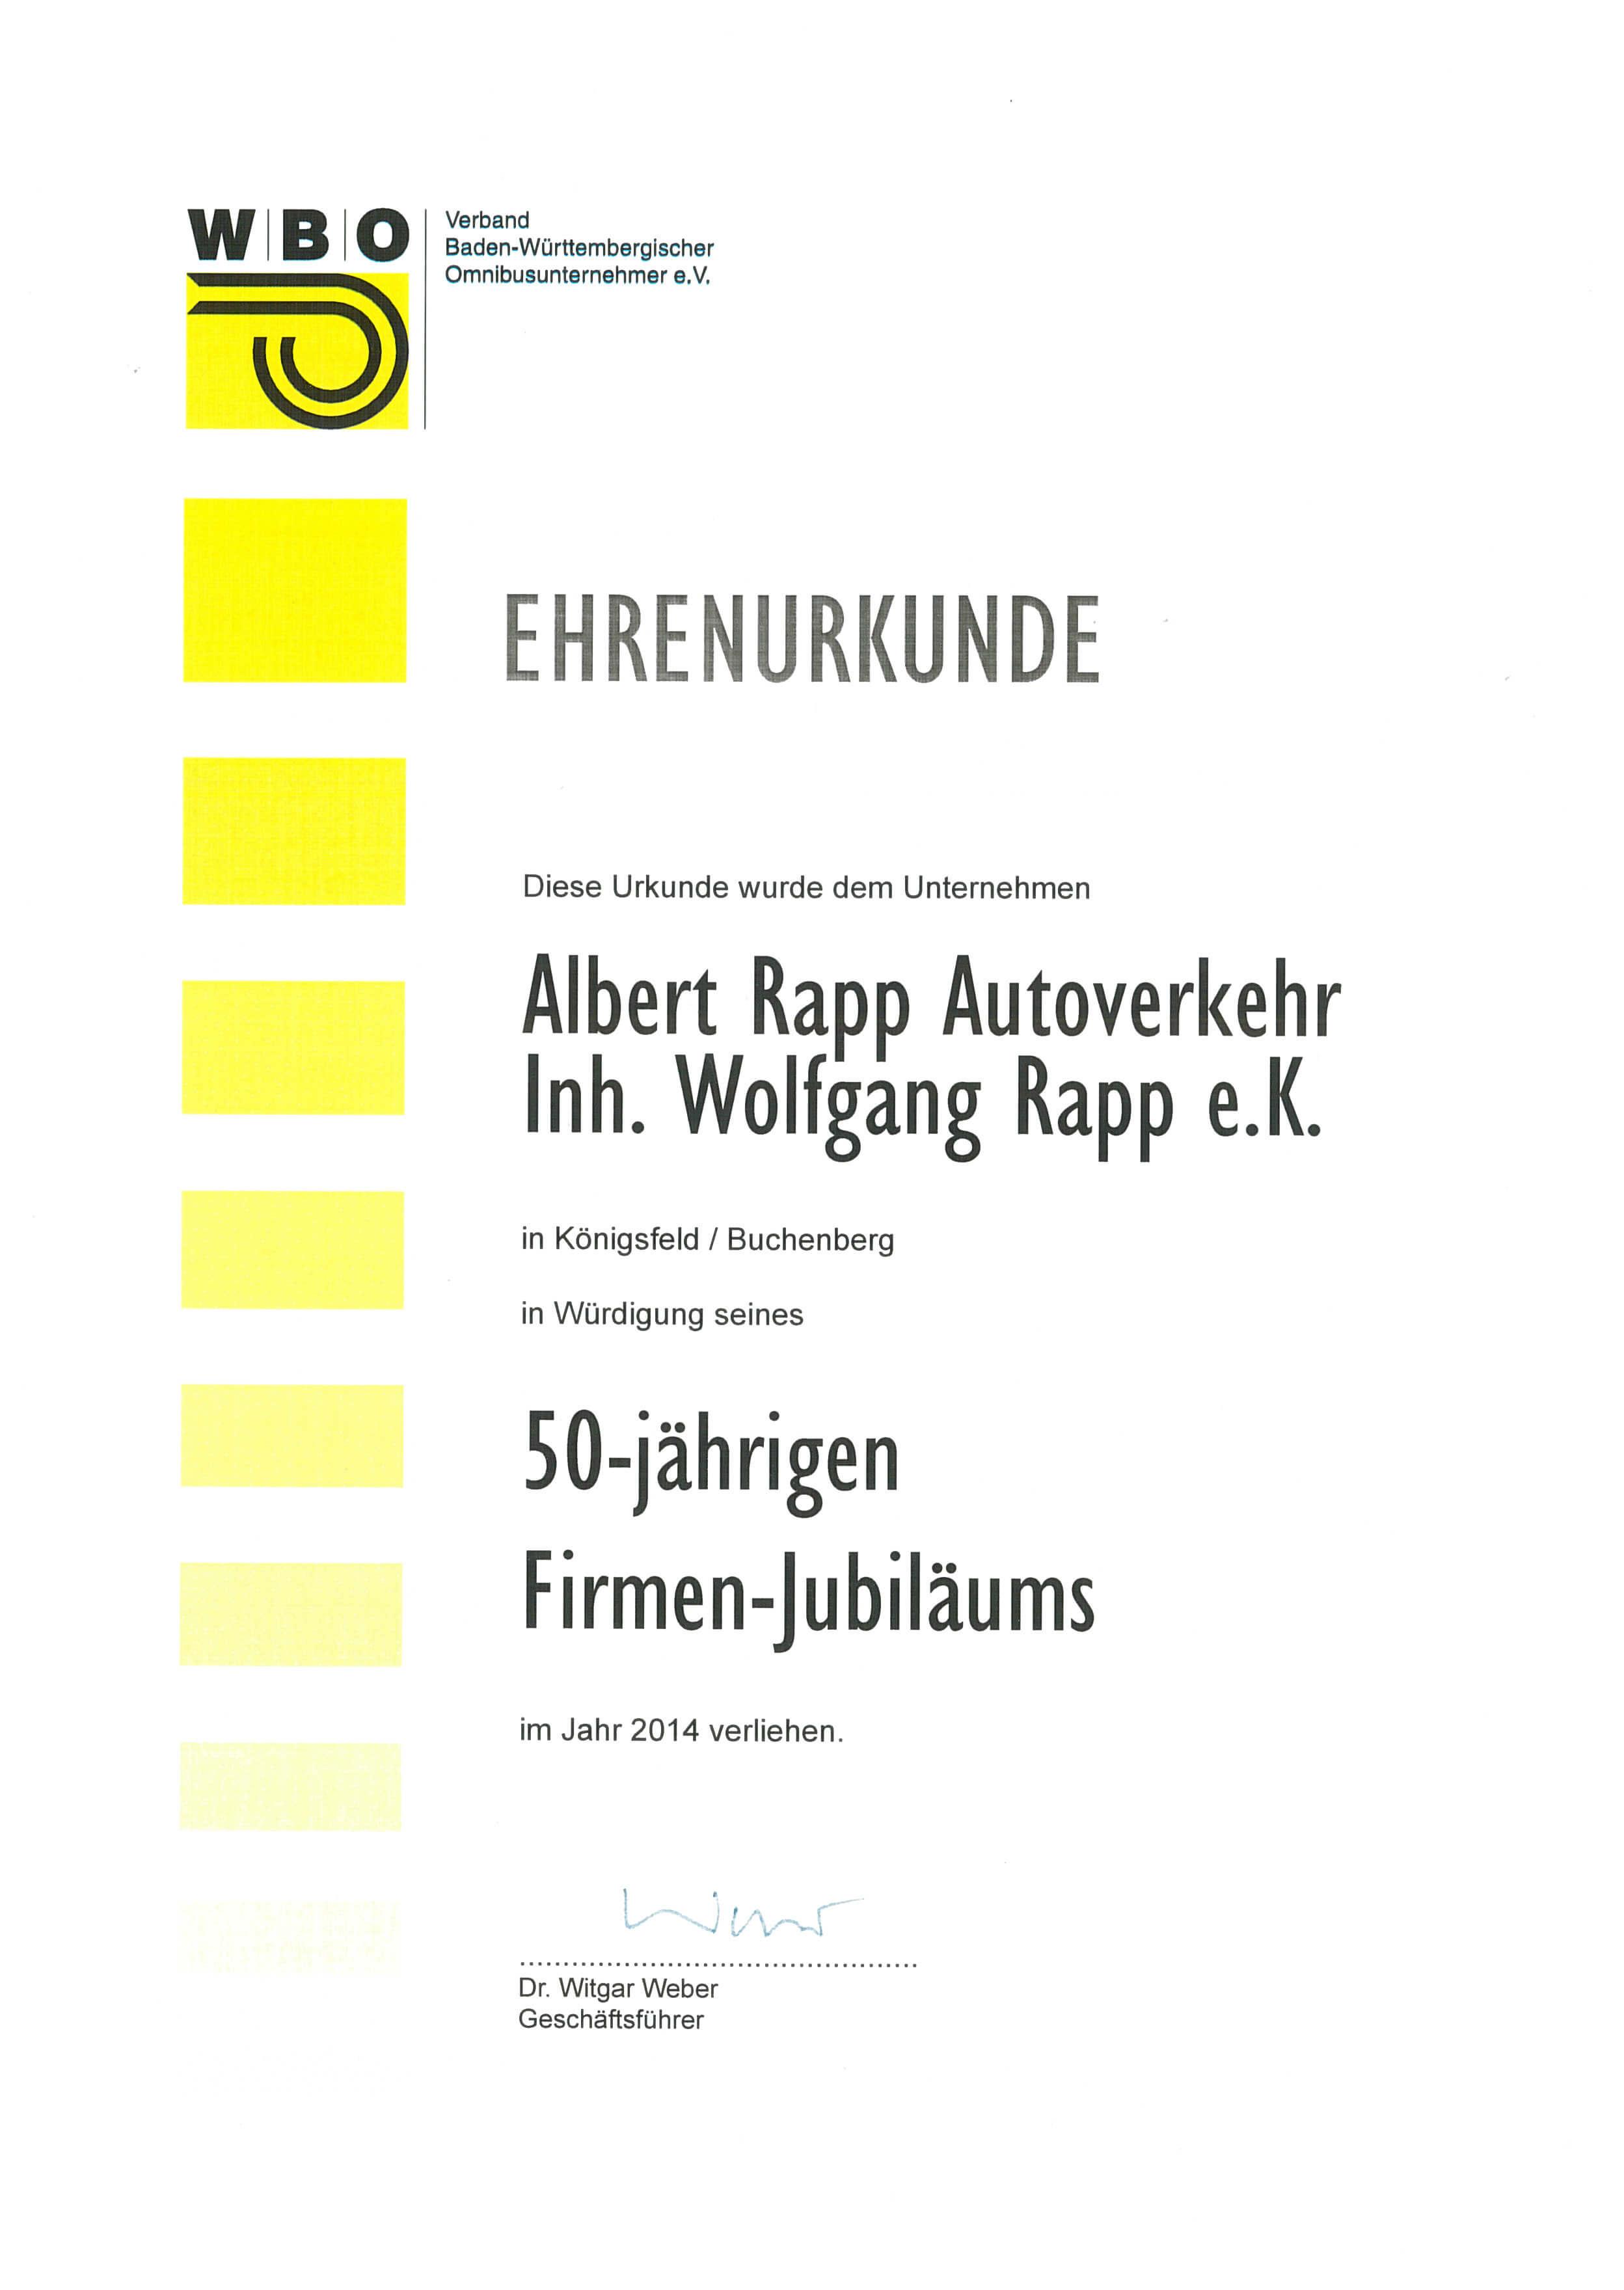 Ehrenurkunde WBO